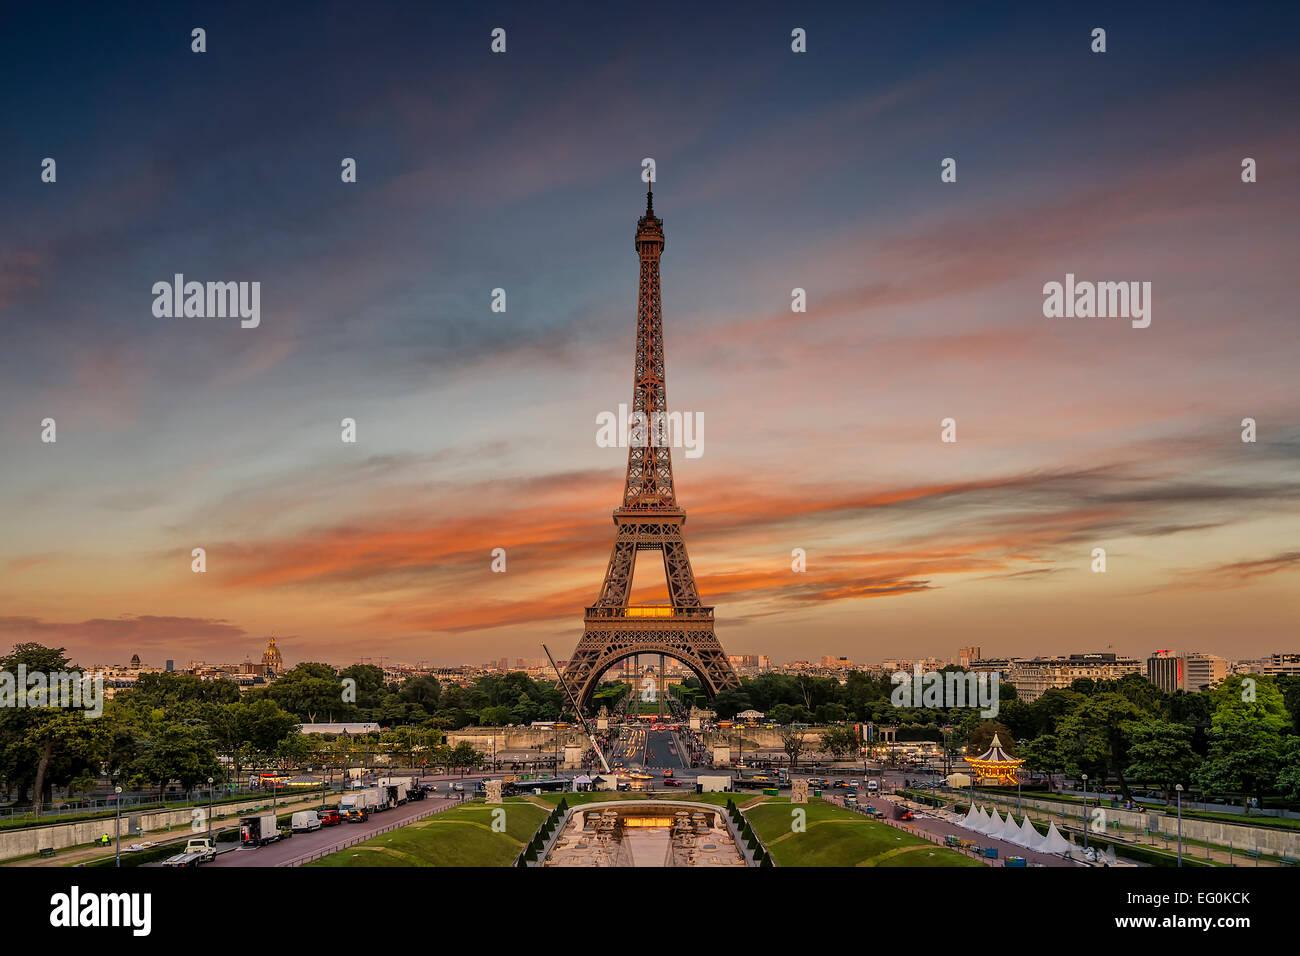 France, Paris, Tour Eiffel contre moody sky Photo Stock